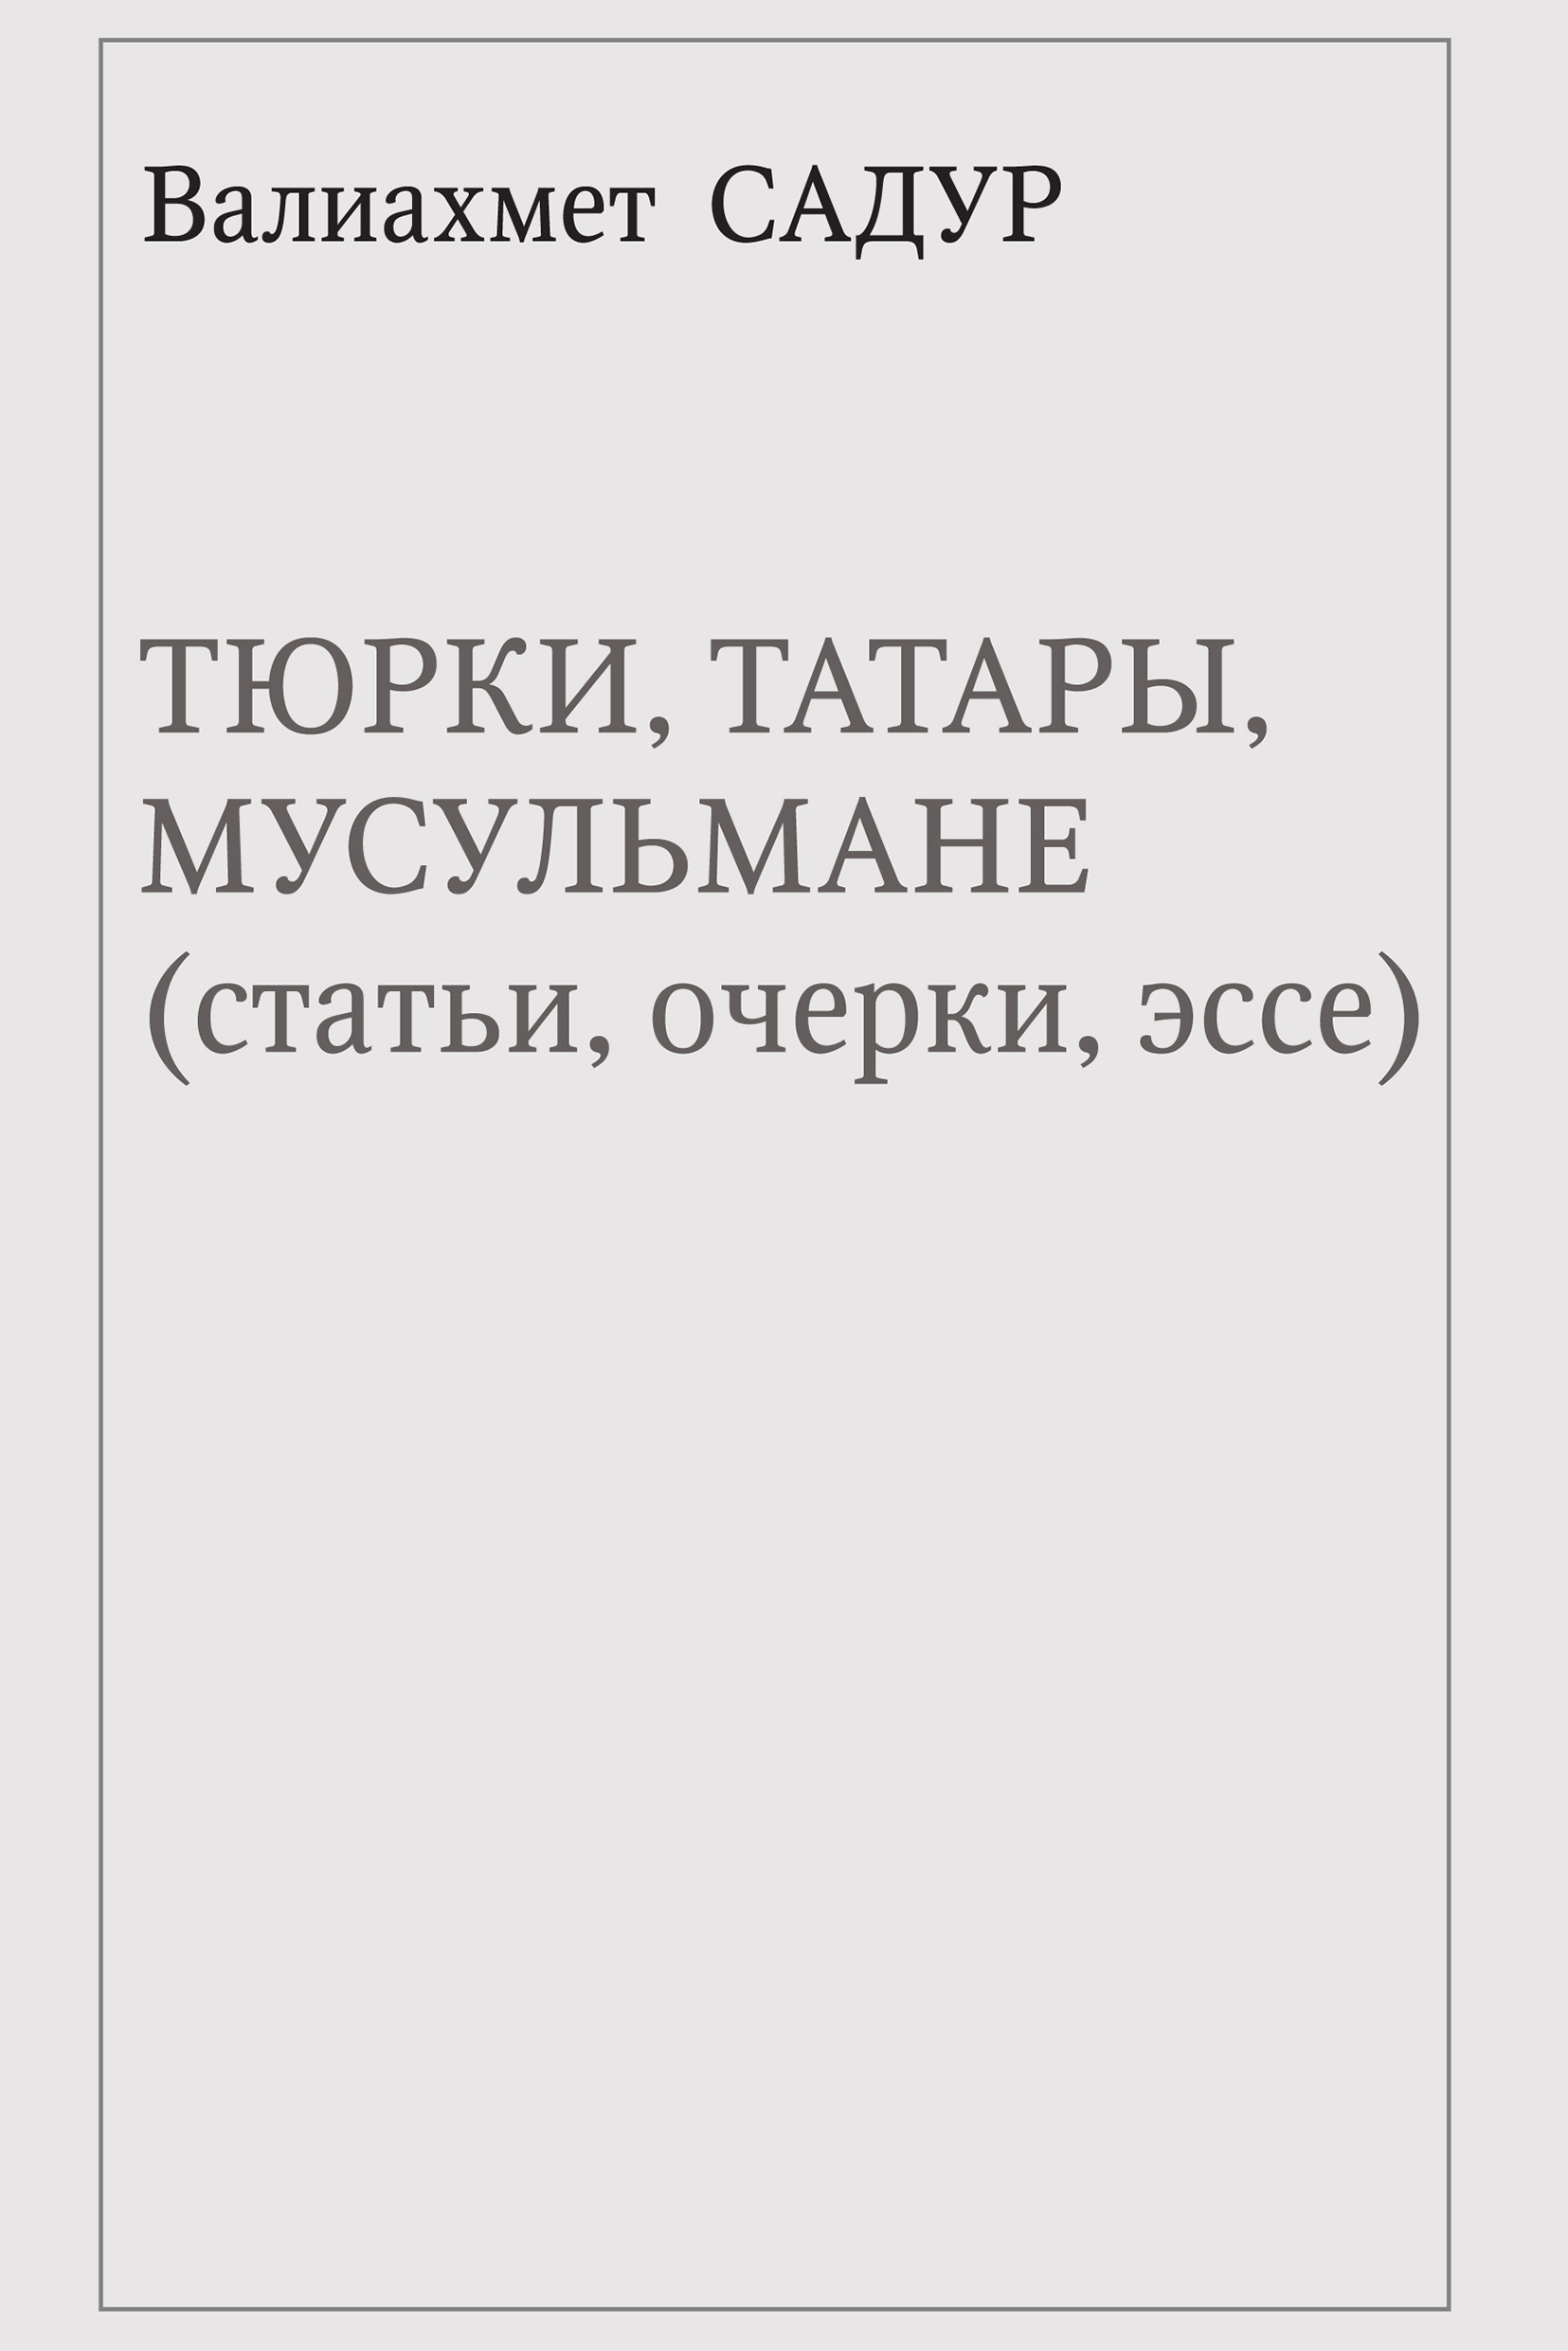 Валиахмет Садур, Тюрки, татары, мусульмане (статьи, очерки, эссе) – скачать pdf на ЛитРес